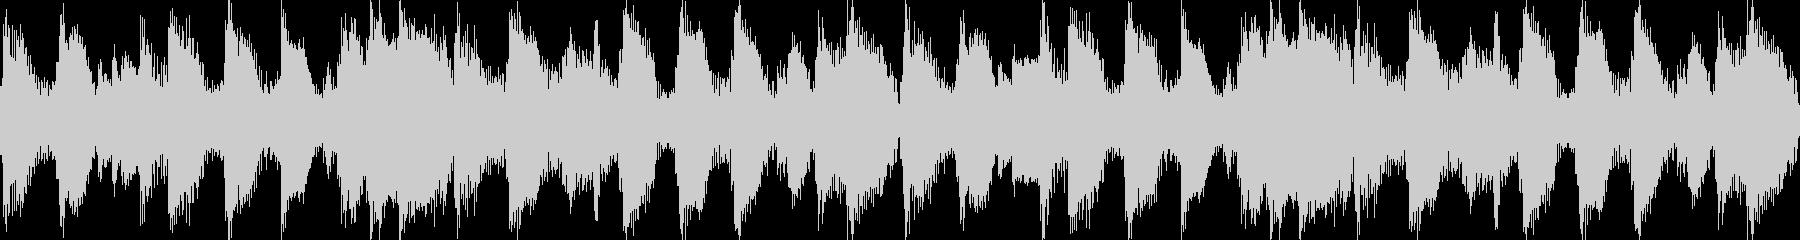 西部劇風(ループ素材)の未再生の波形